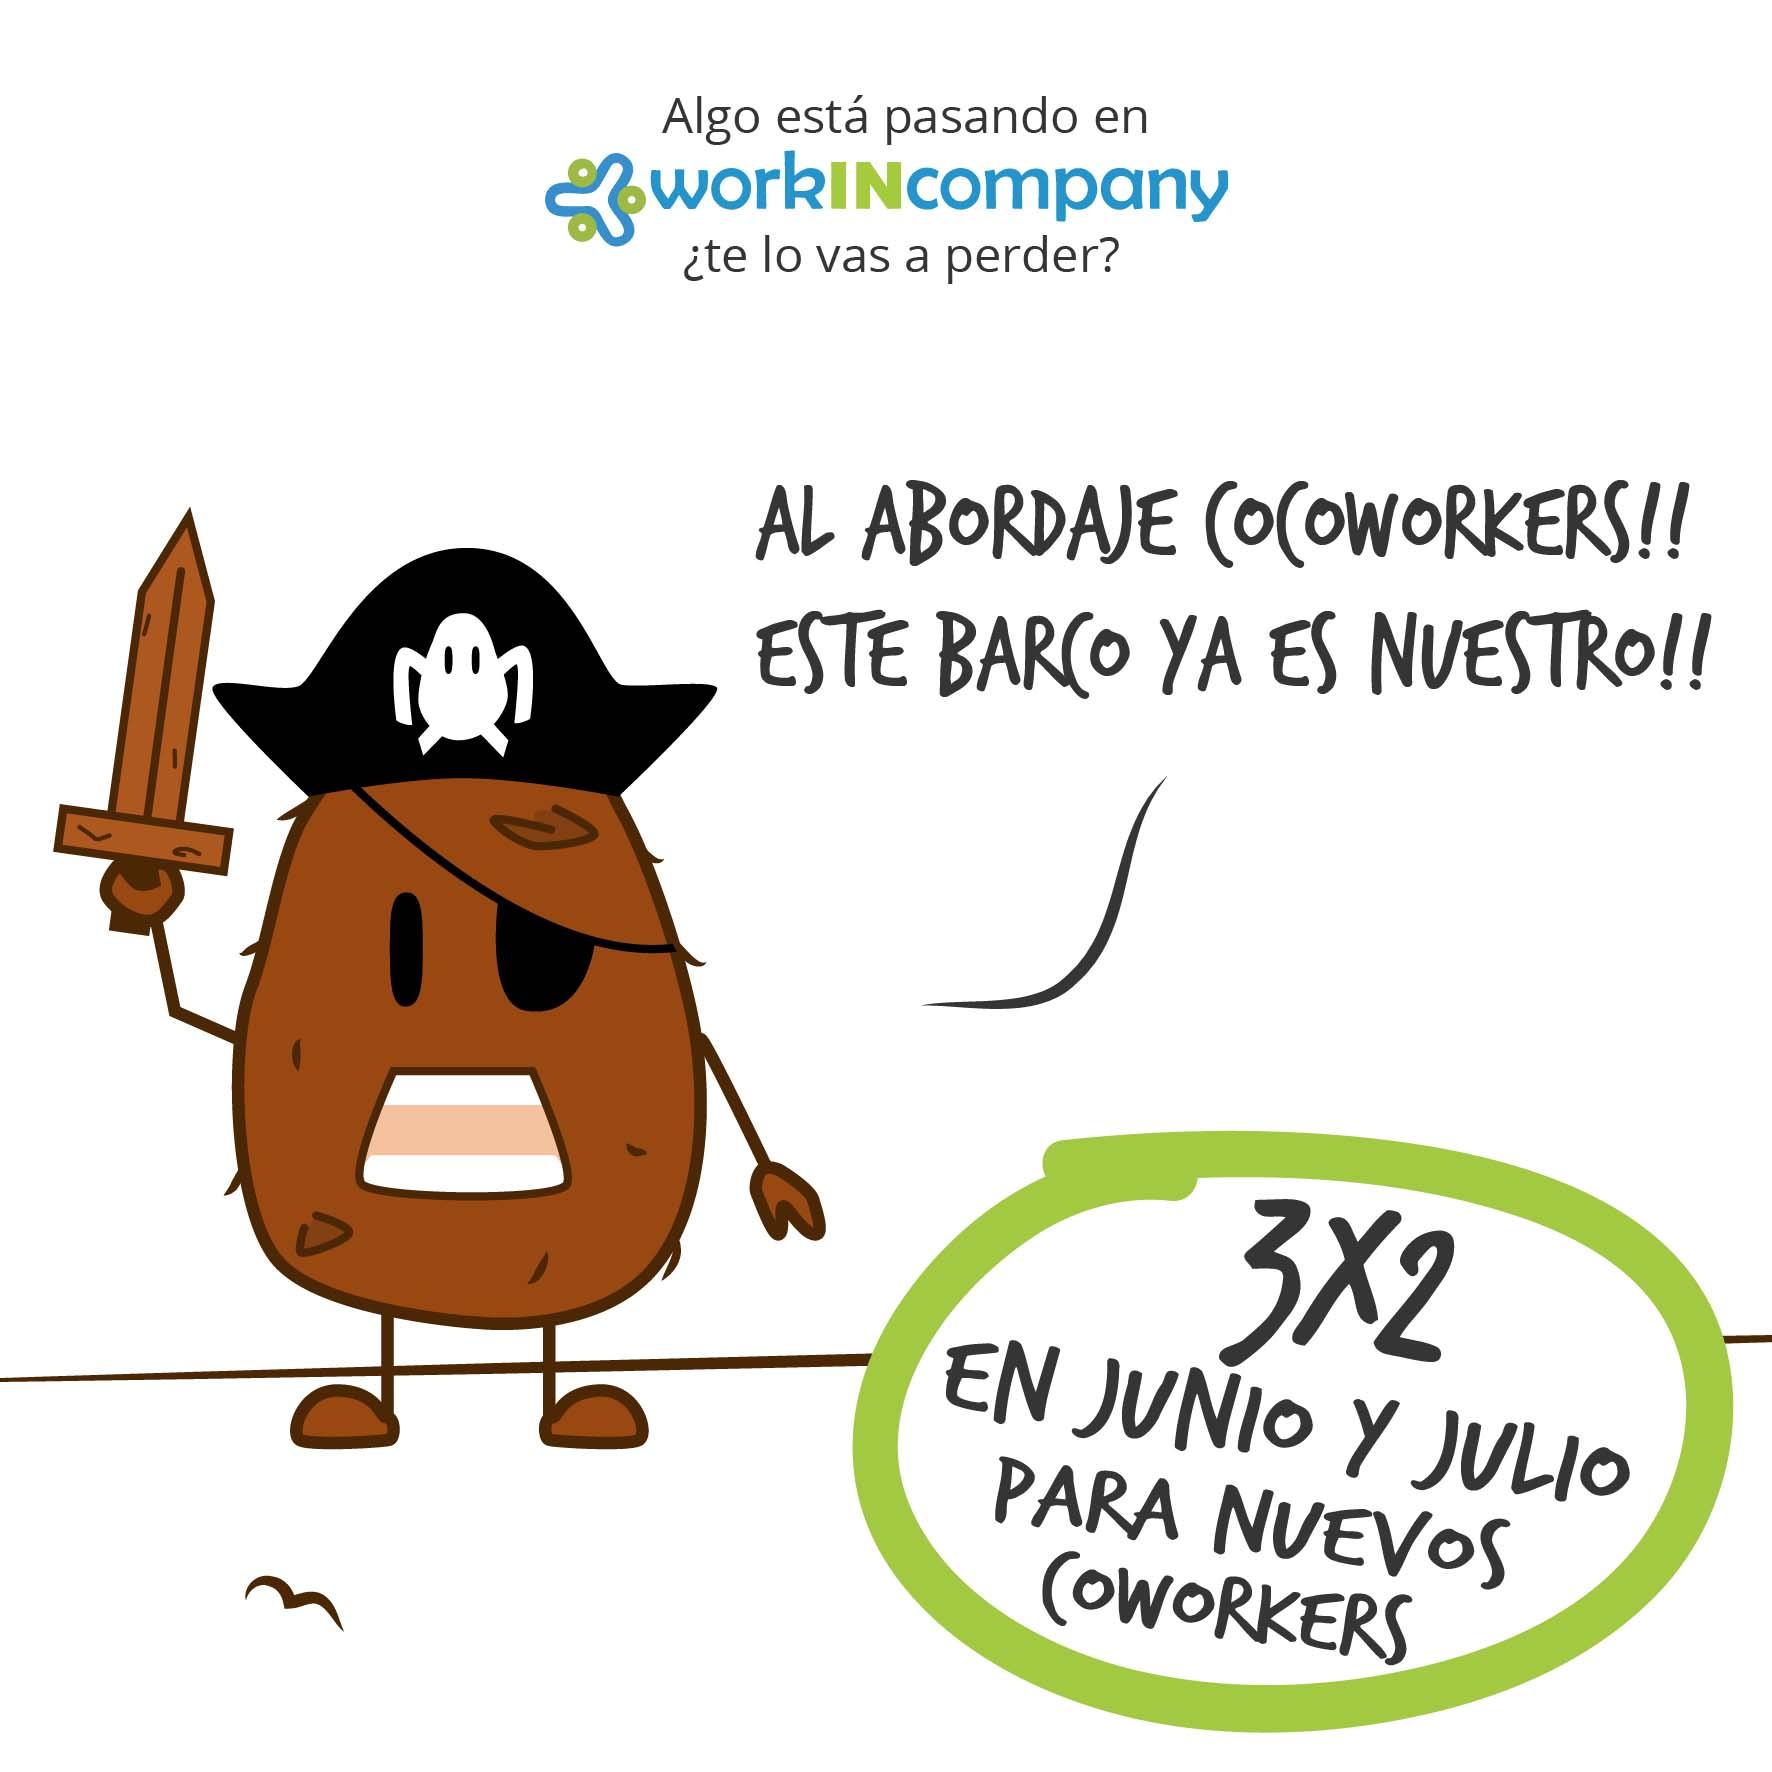 Cocoworker 6 - Pirata